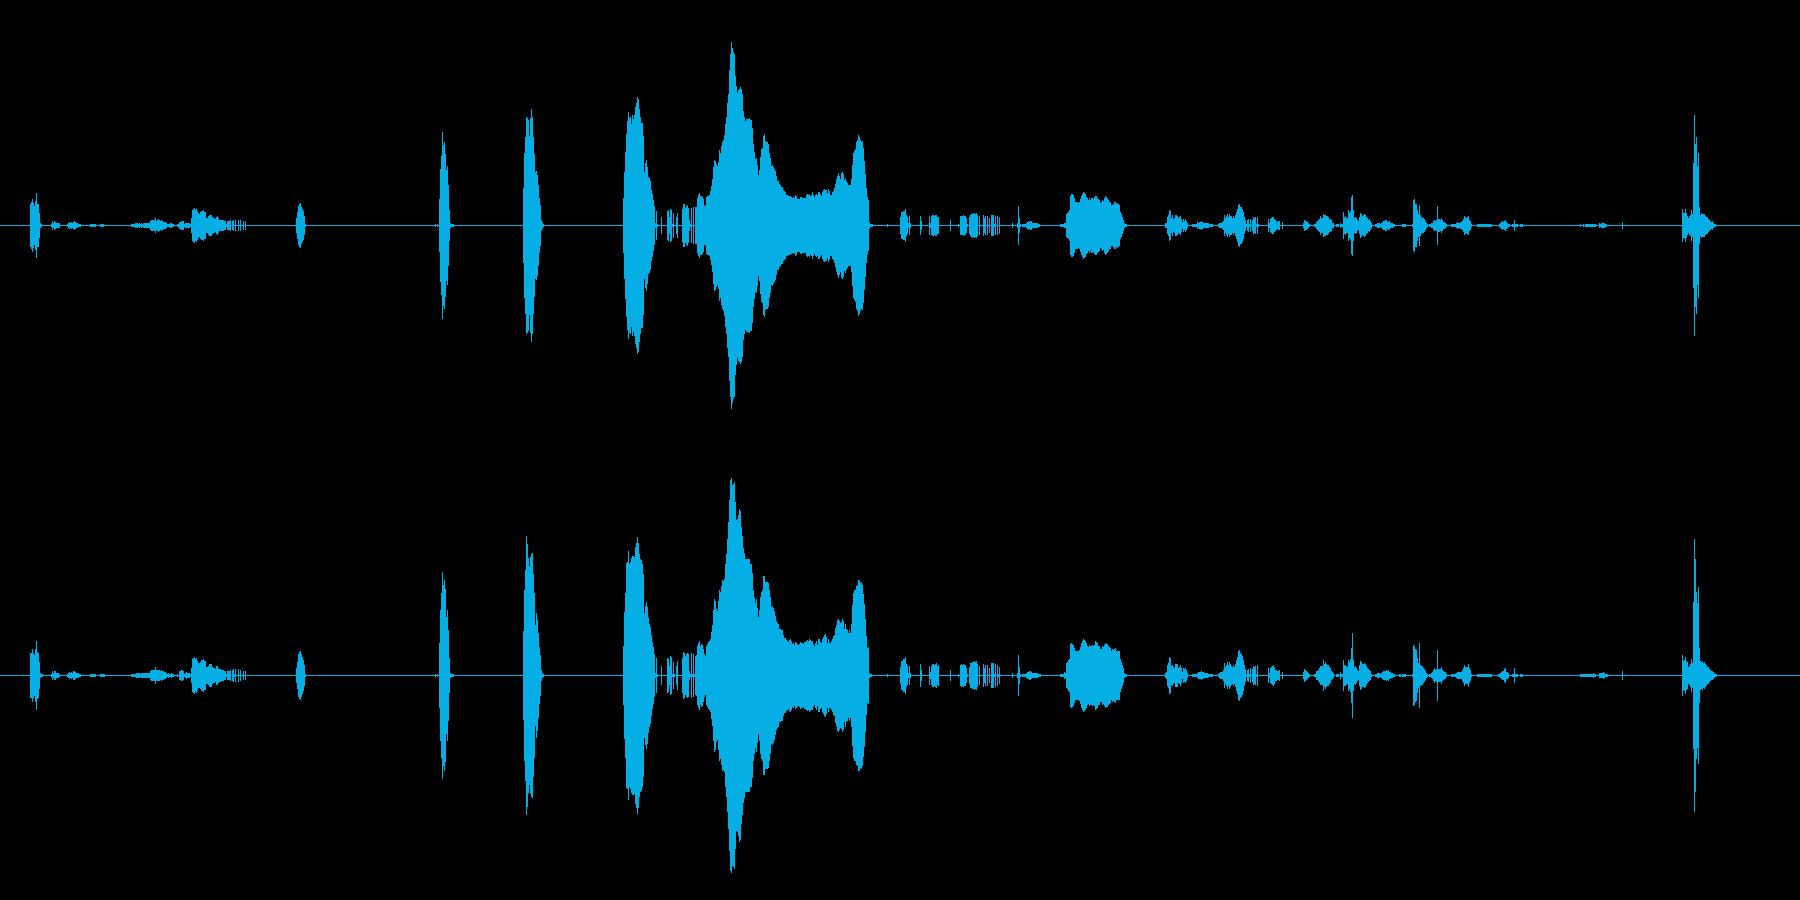 赤ちゃんの泣き声とくしゃみの再生済みの波形